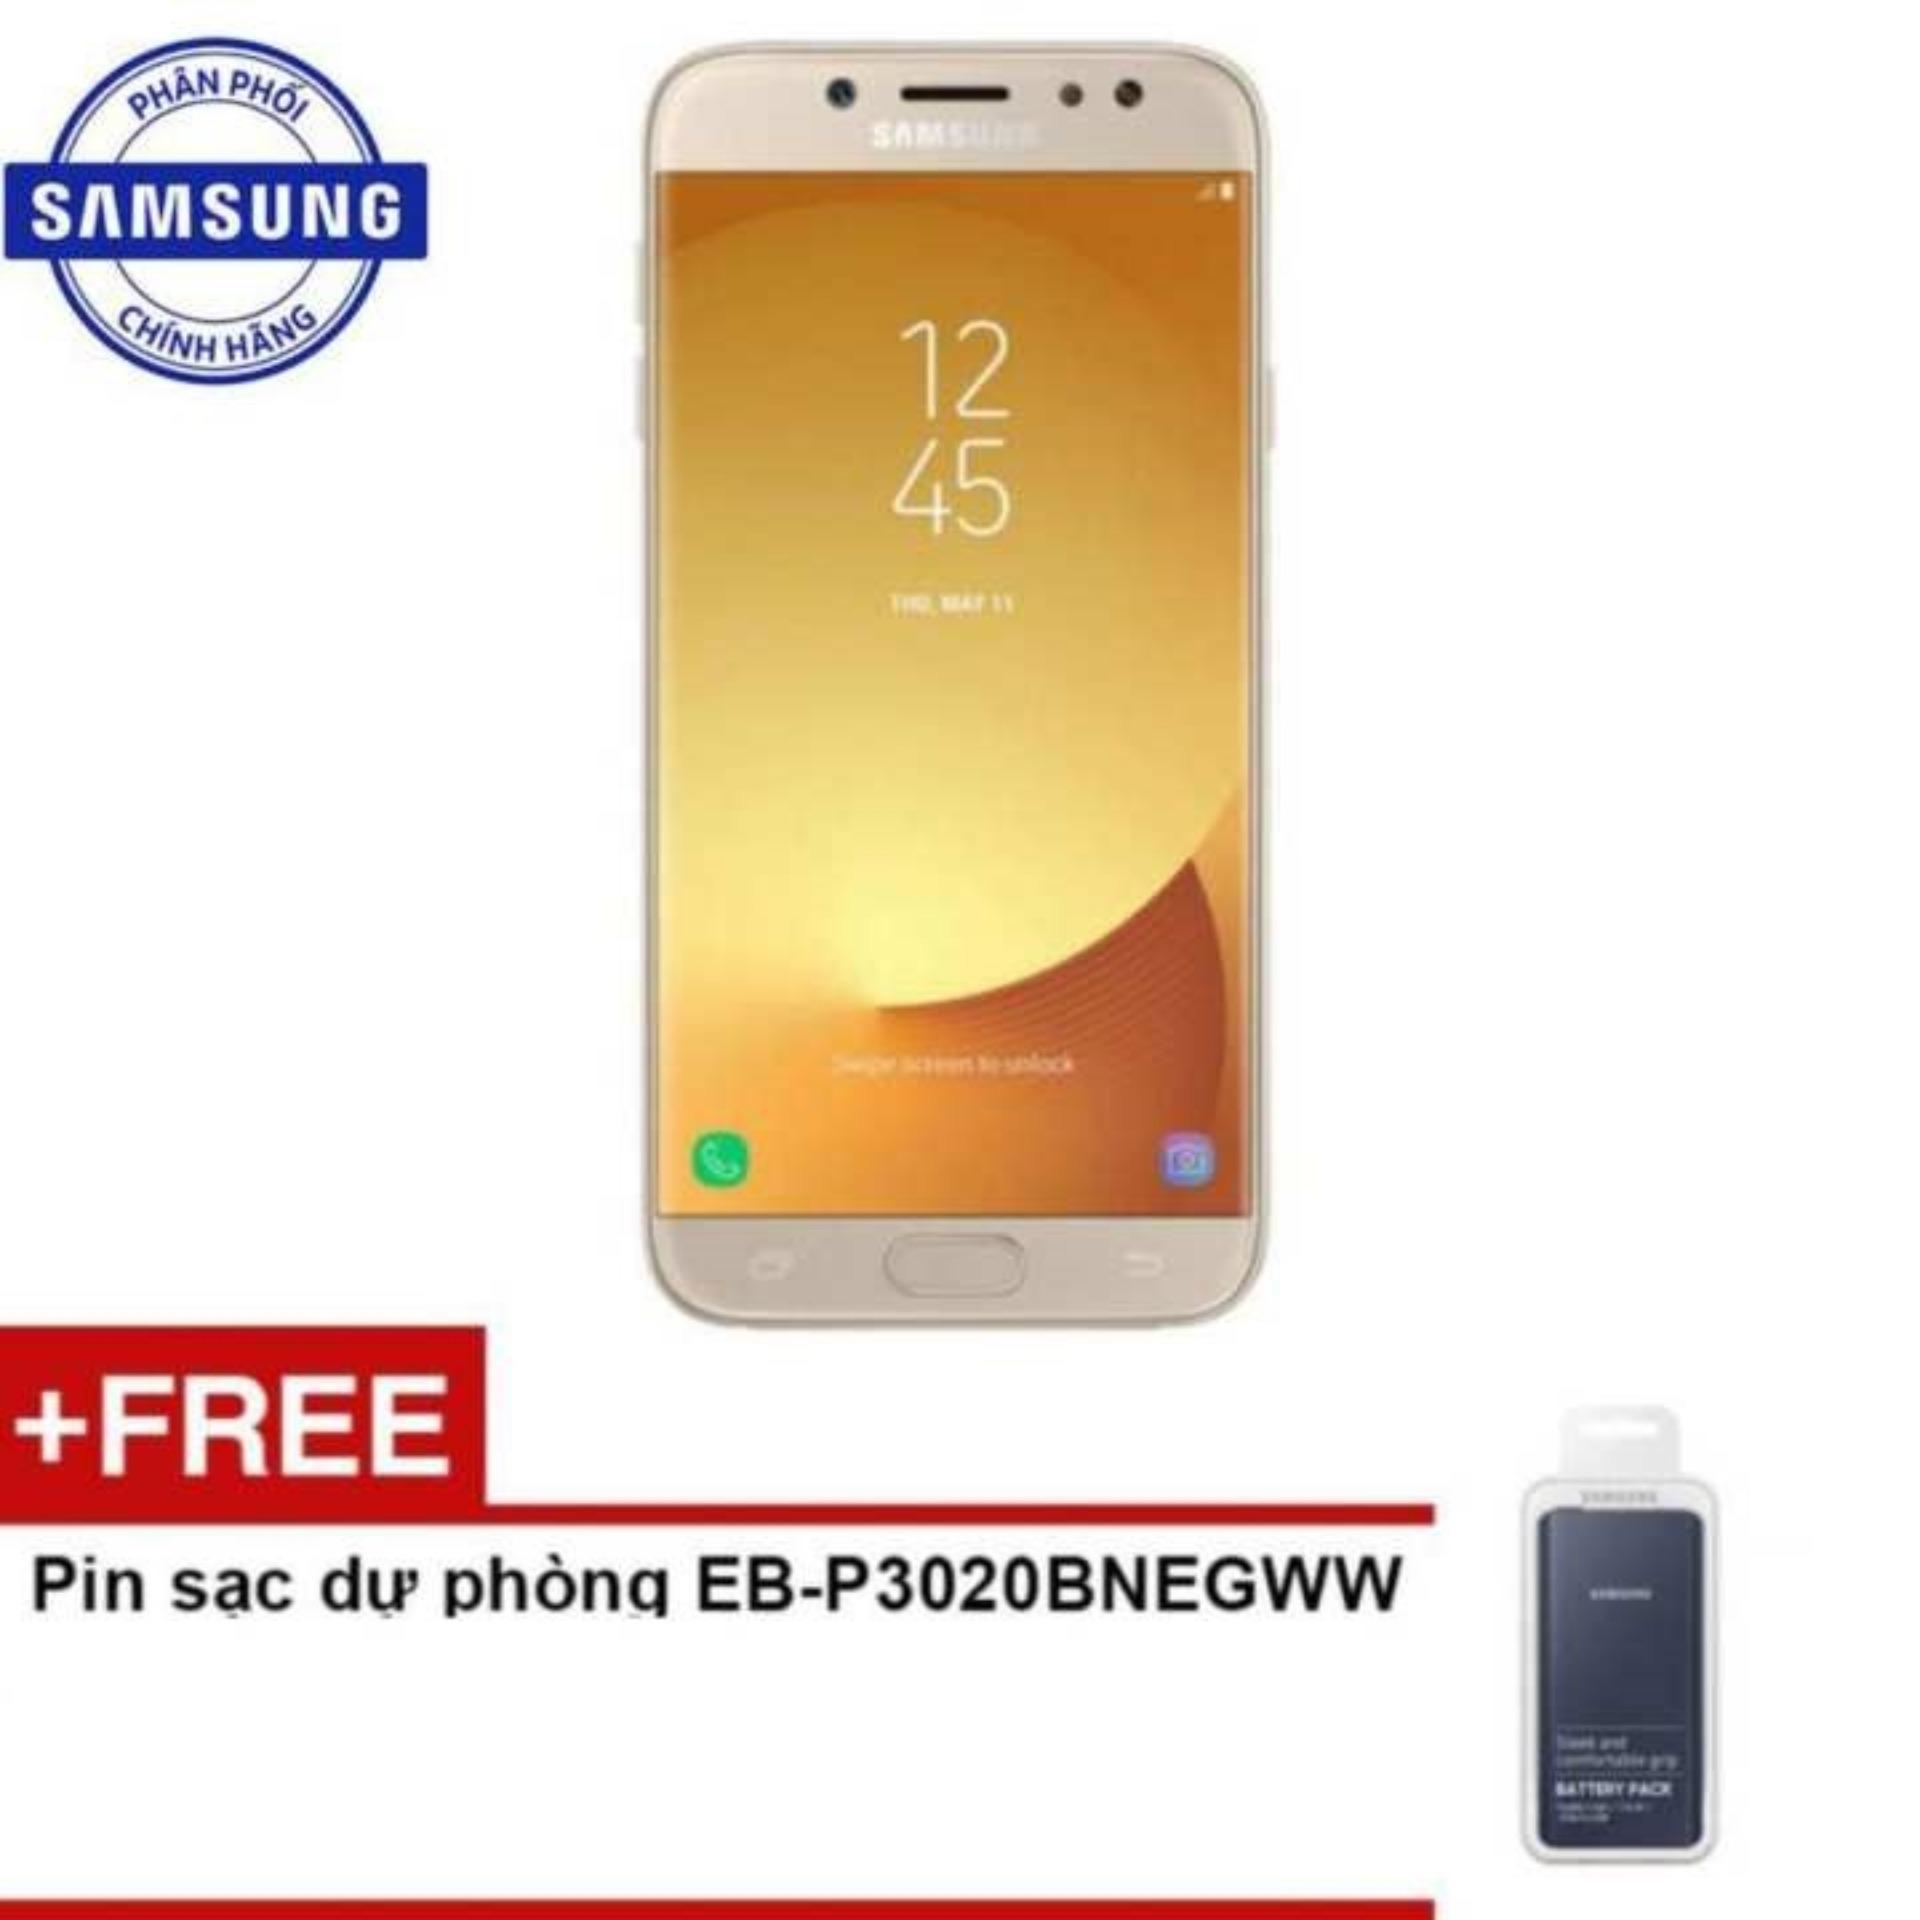 Samsung Galaxy J7 Pro 2017 32GB Ram 3GB (Vàng) - Hãng phân phối chính thức + Pin sạc dự phòng EB-P3020BNEGWW